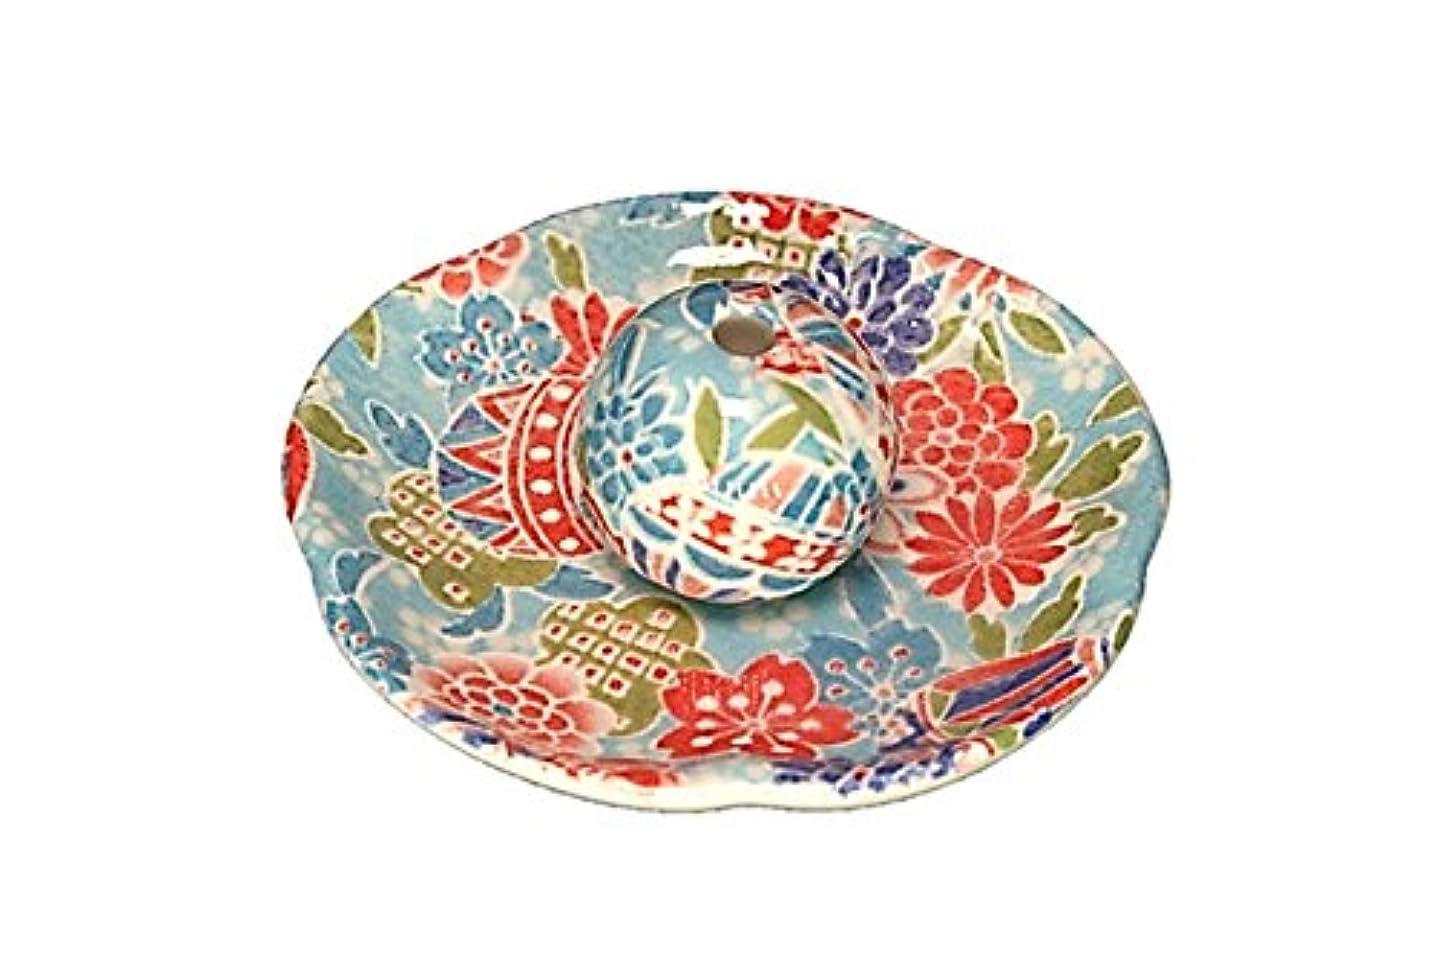 ネクタイオートマトン十代の若者たち京雅 青 花形香皿 お香立て 日本製 製造 直売